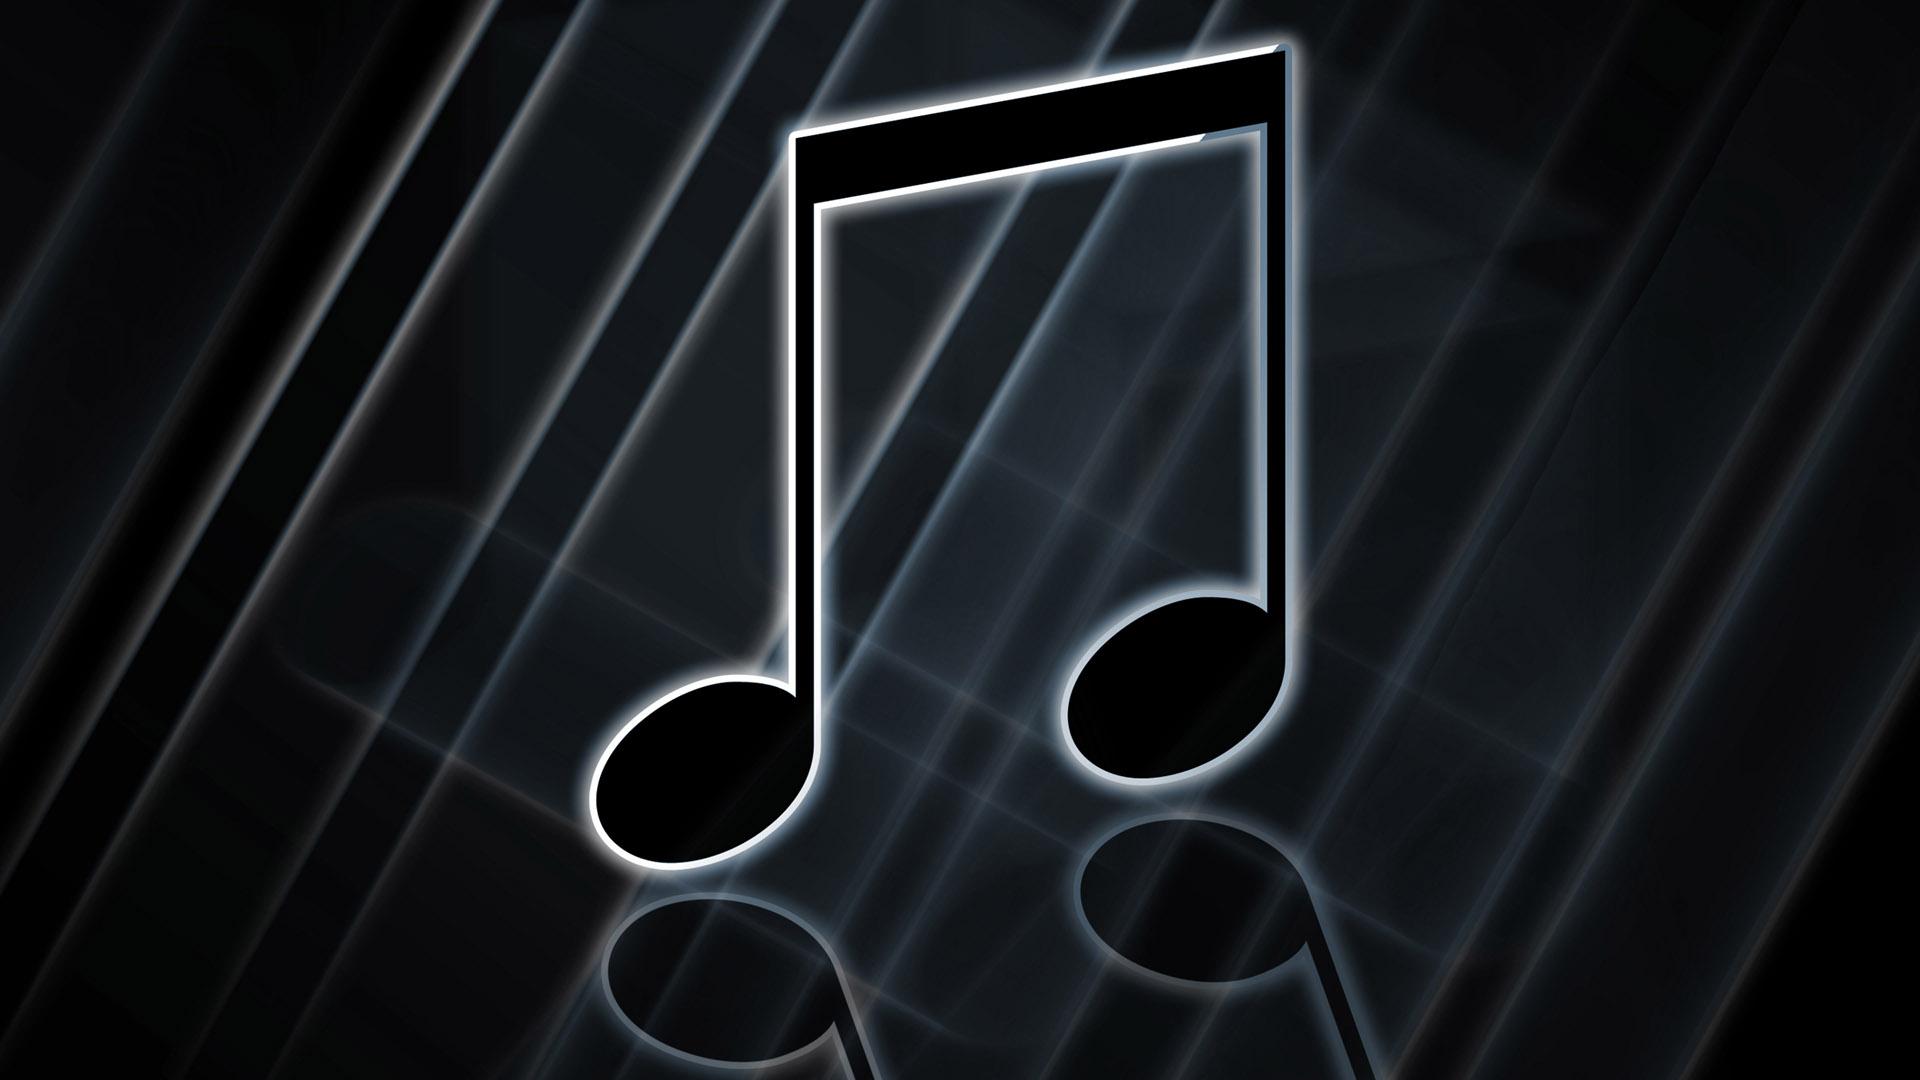 <b>Apple Music Wallpaper</b> 360719 - WallDevil